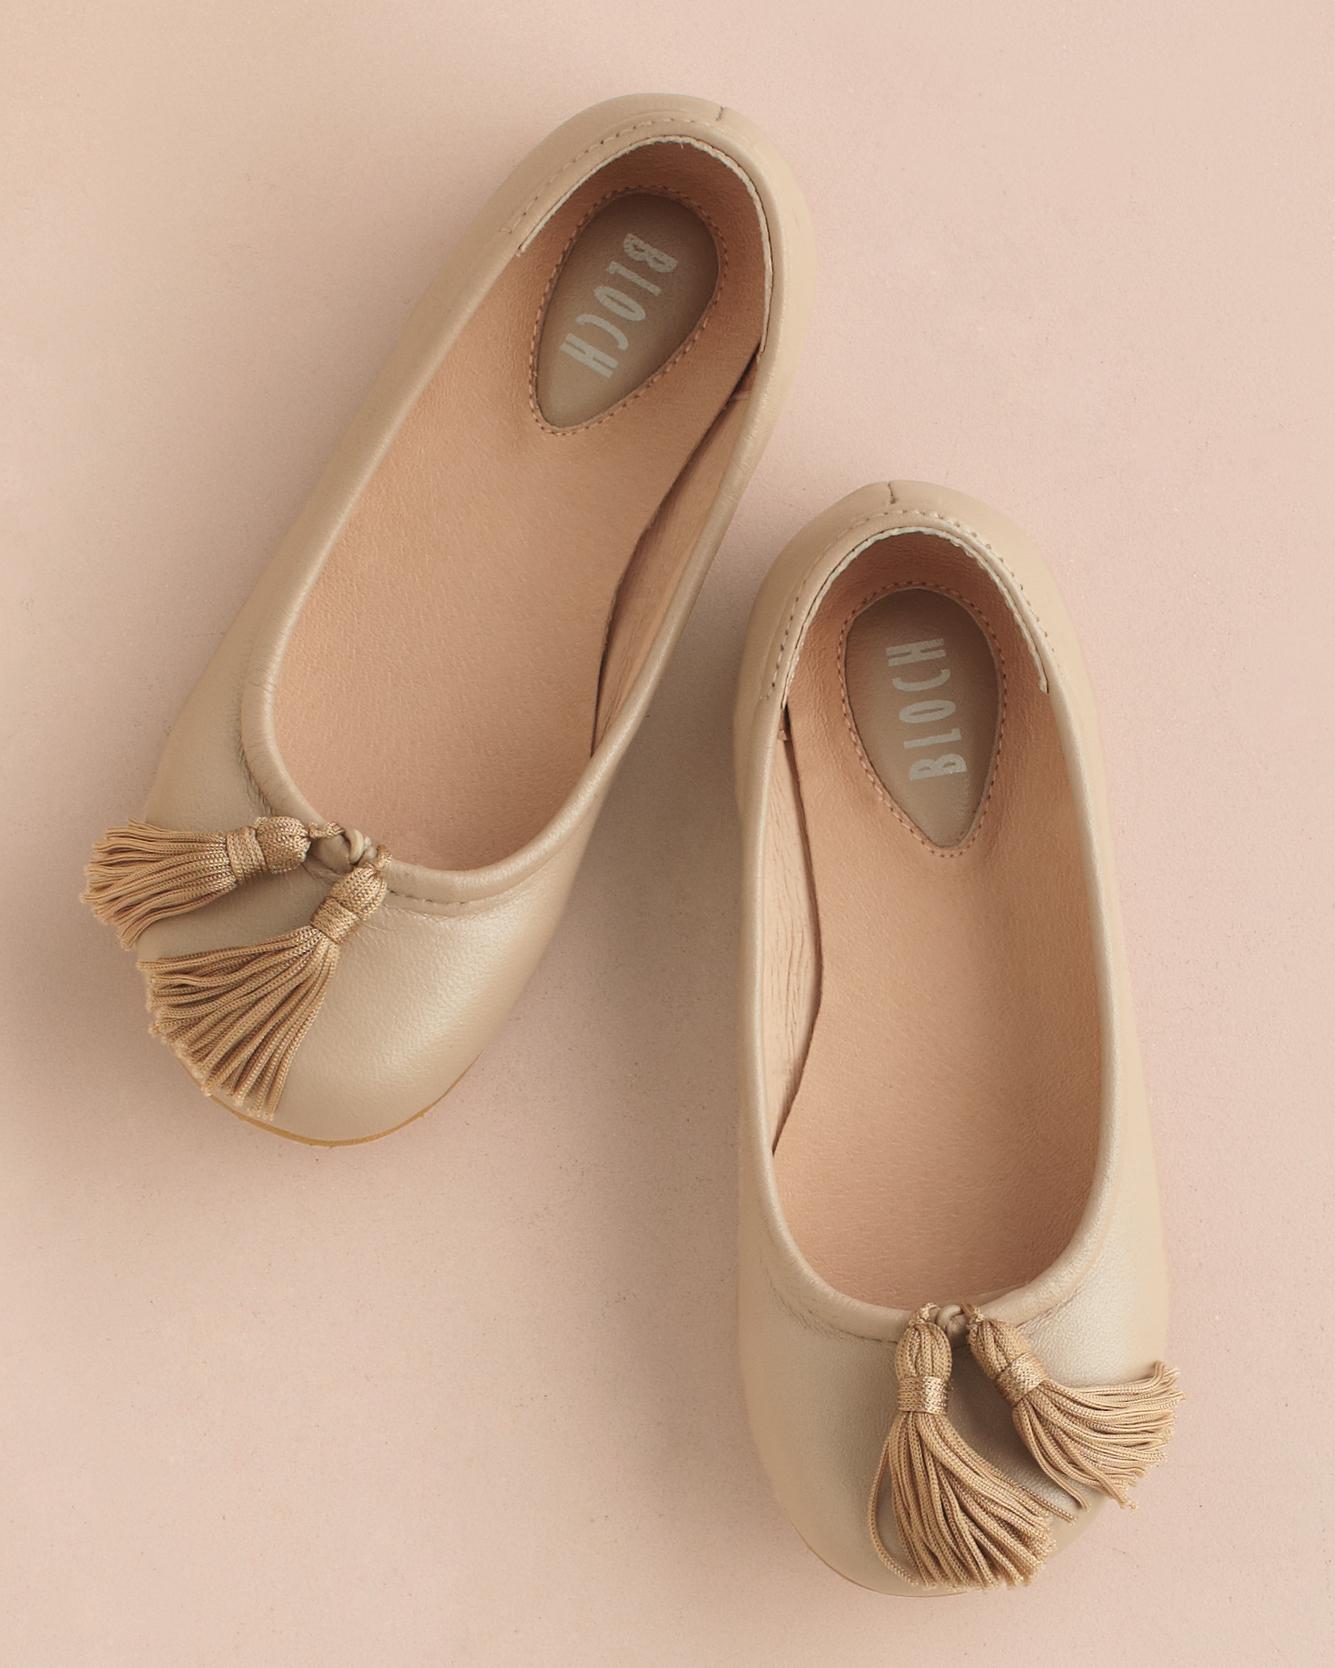 tassel-baby-shoes-318-mwd110357.jpg